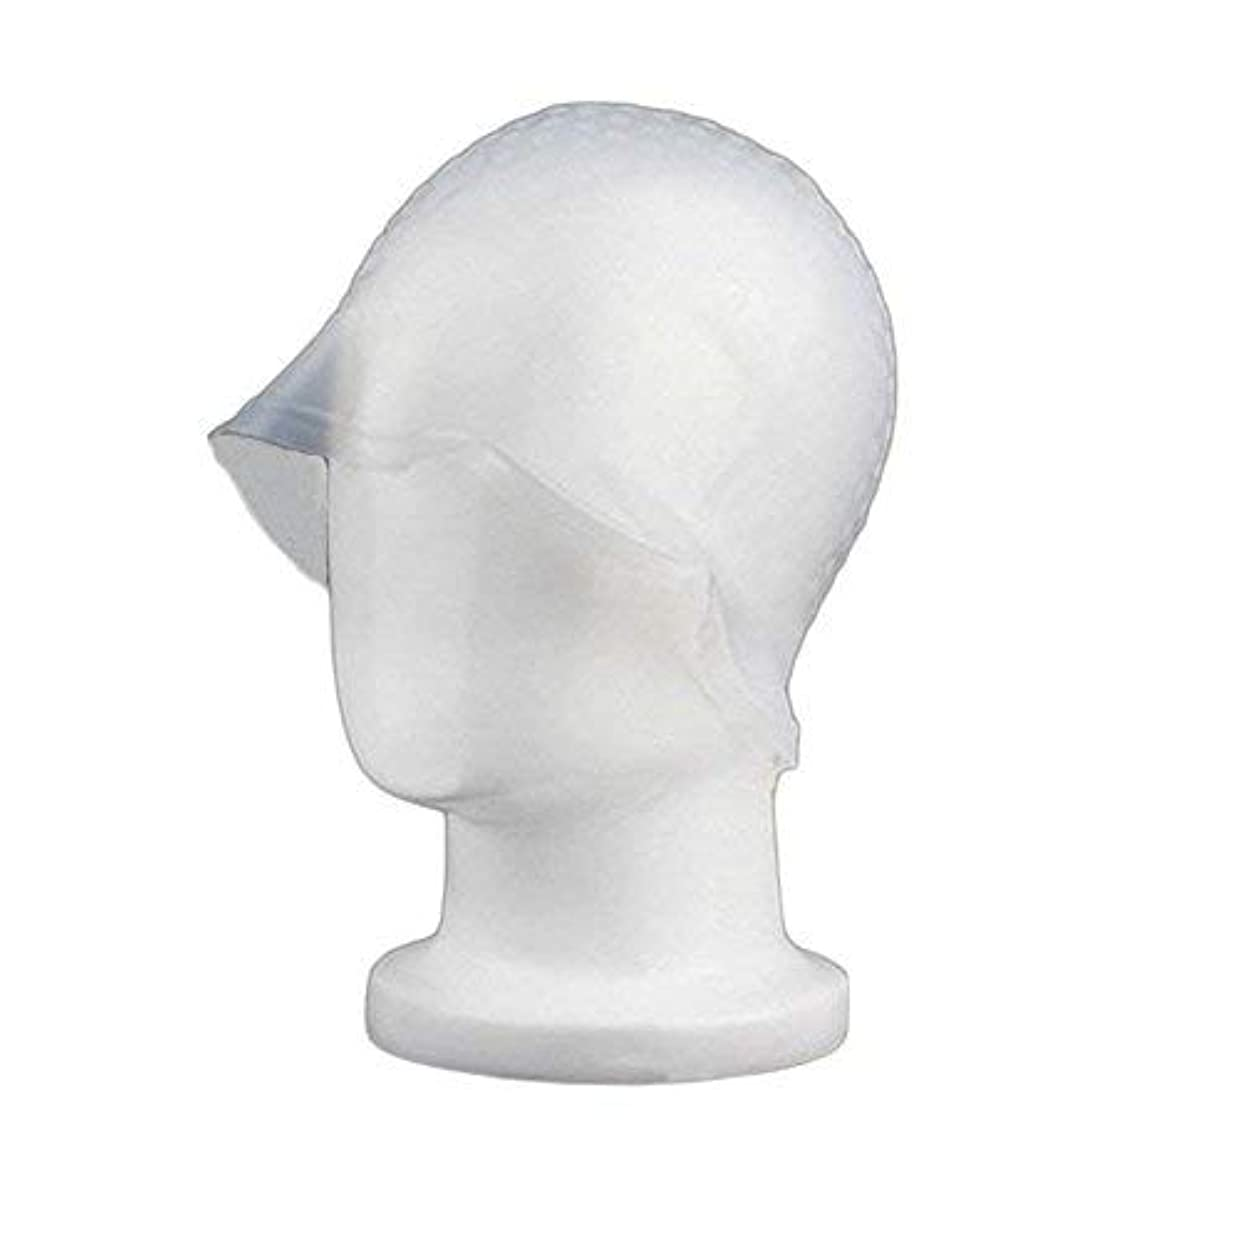 酔ったムスベッドchaselpod 洗って使える ヘアカラー メッシュ 染め用 用 シリコン ヘア キャップキャップ